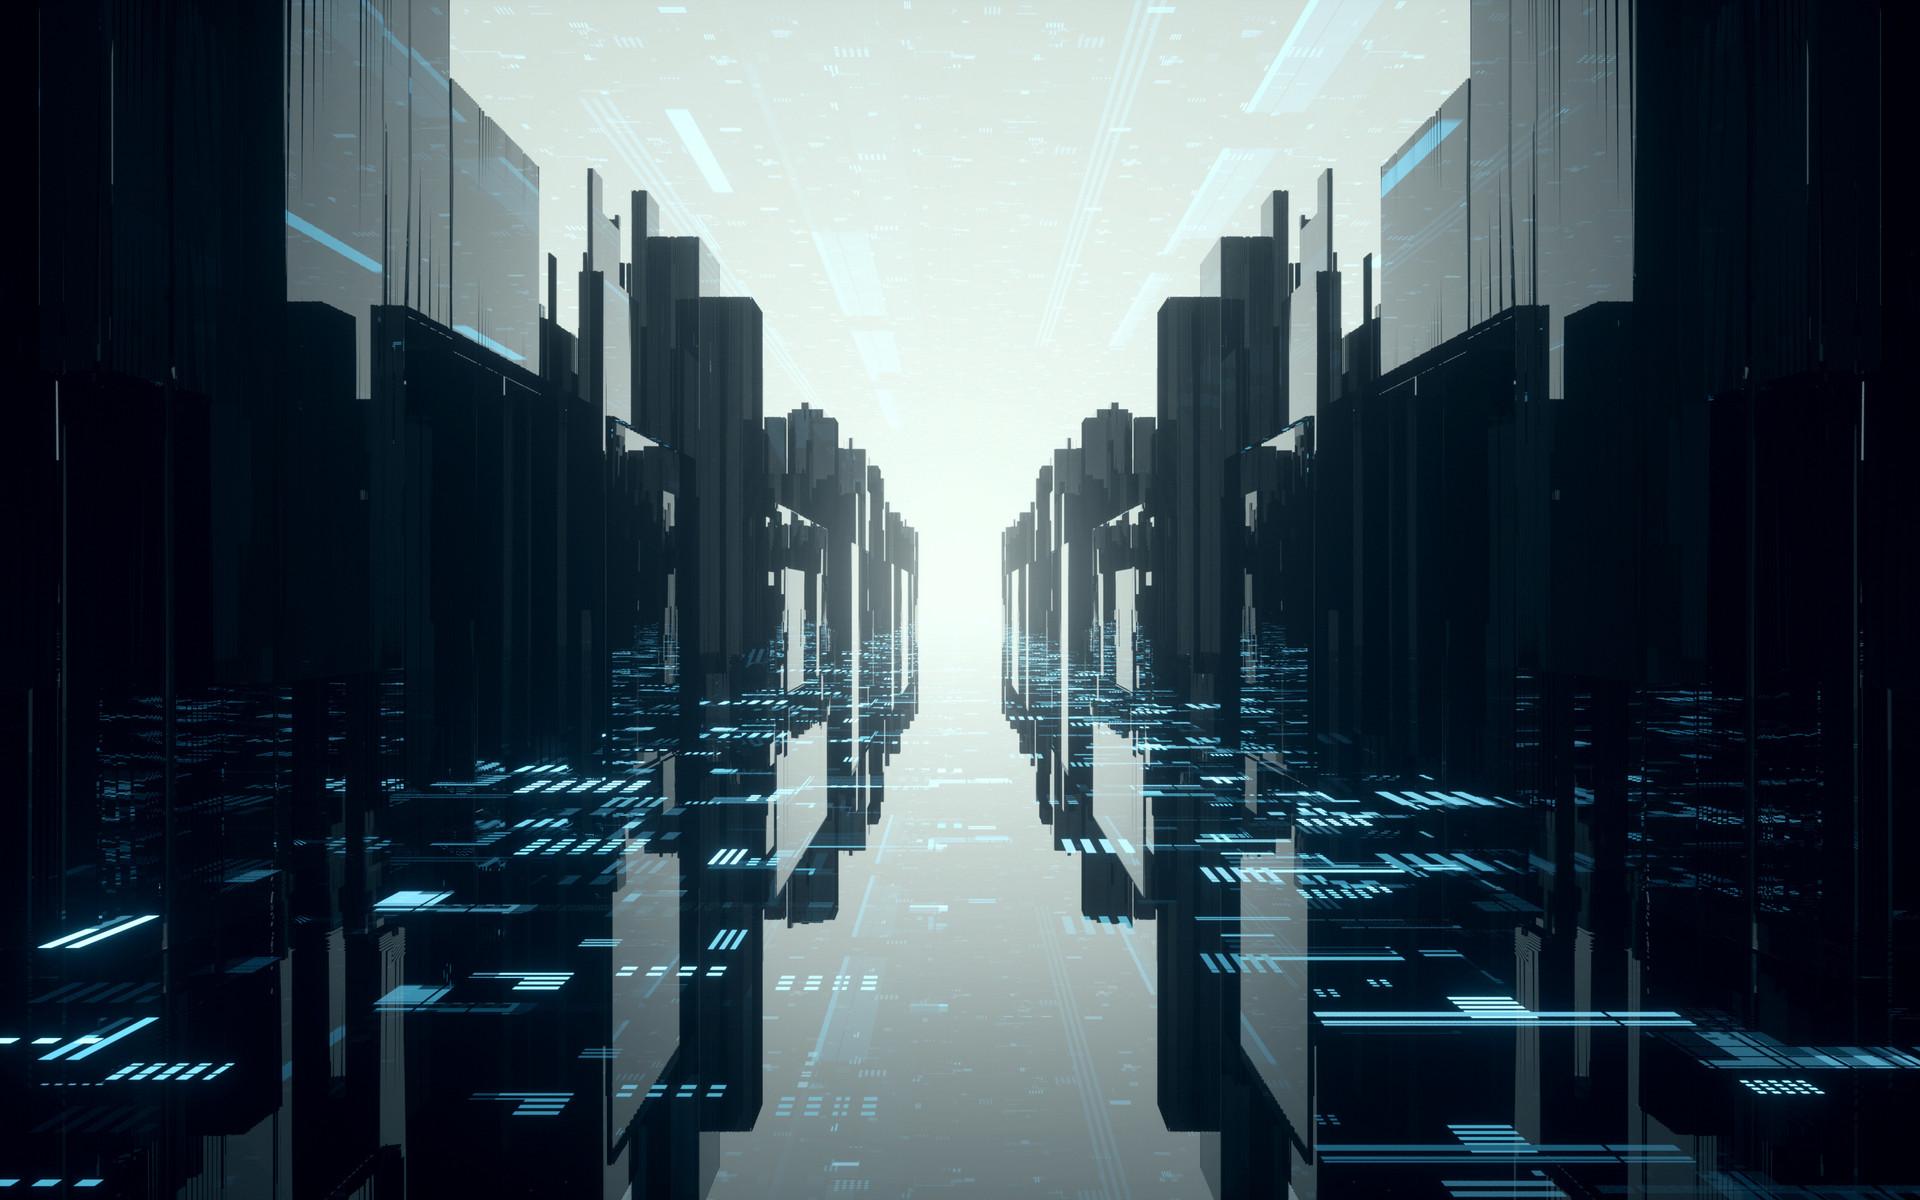 全球服务器下滑,还有增长机会吗?